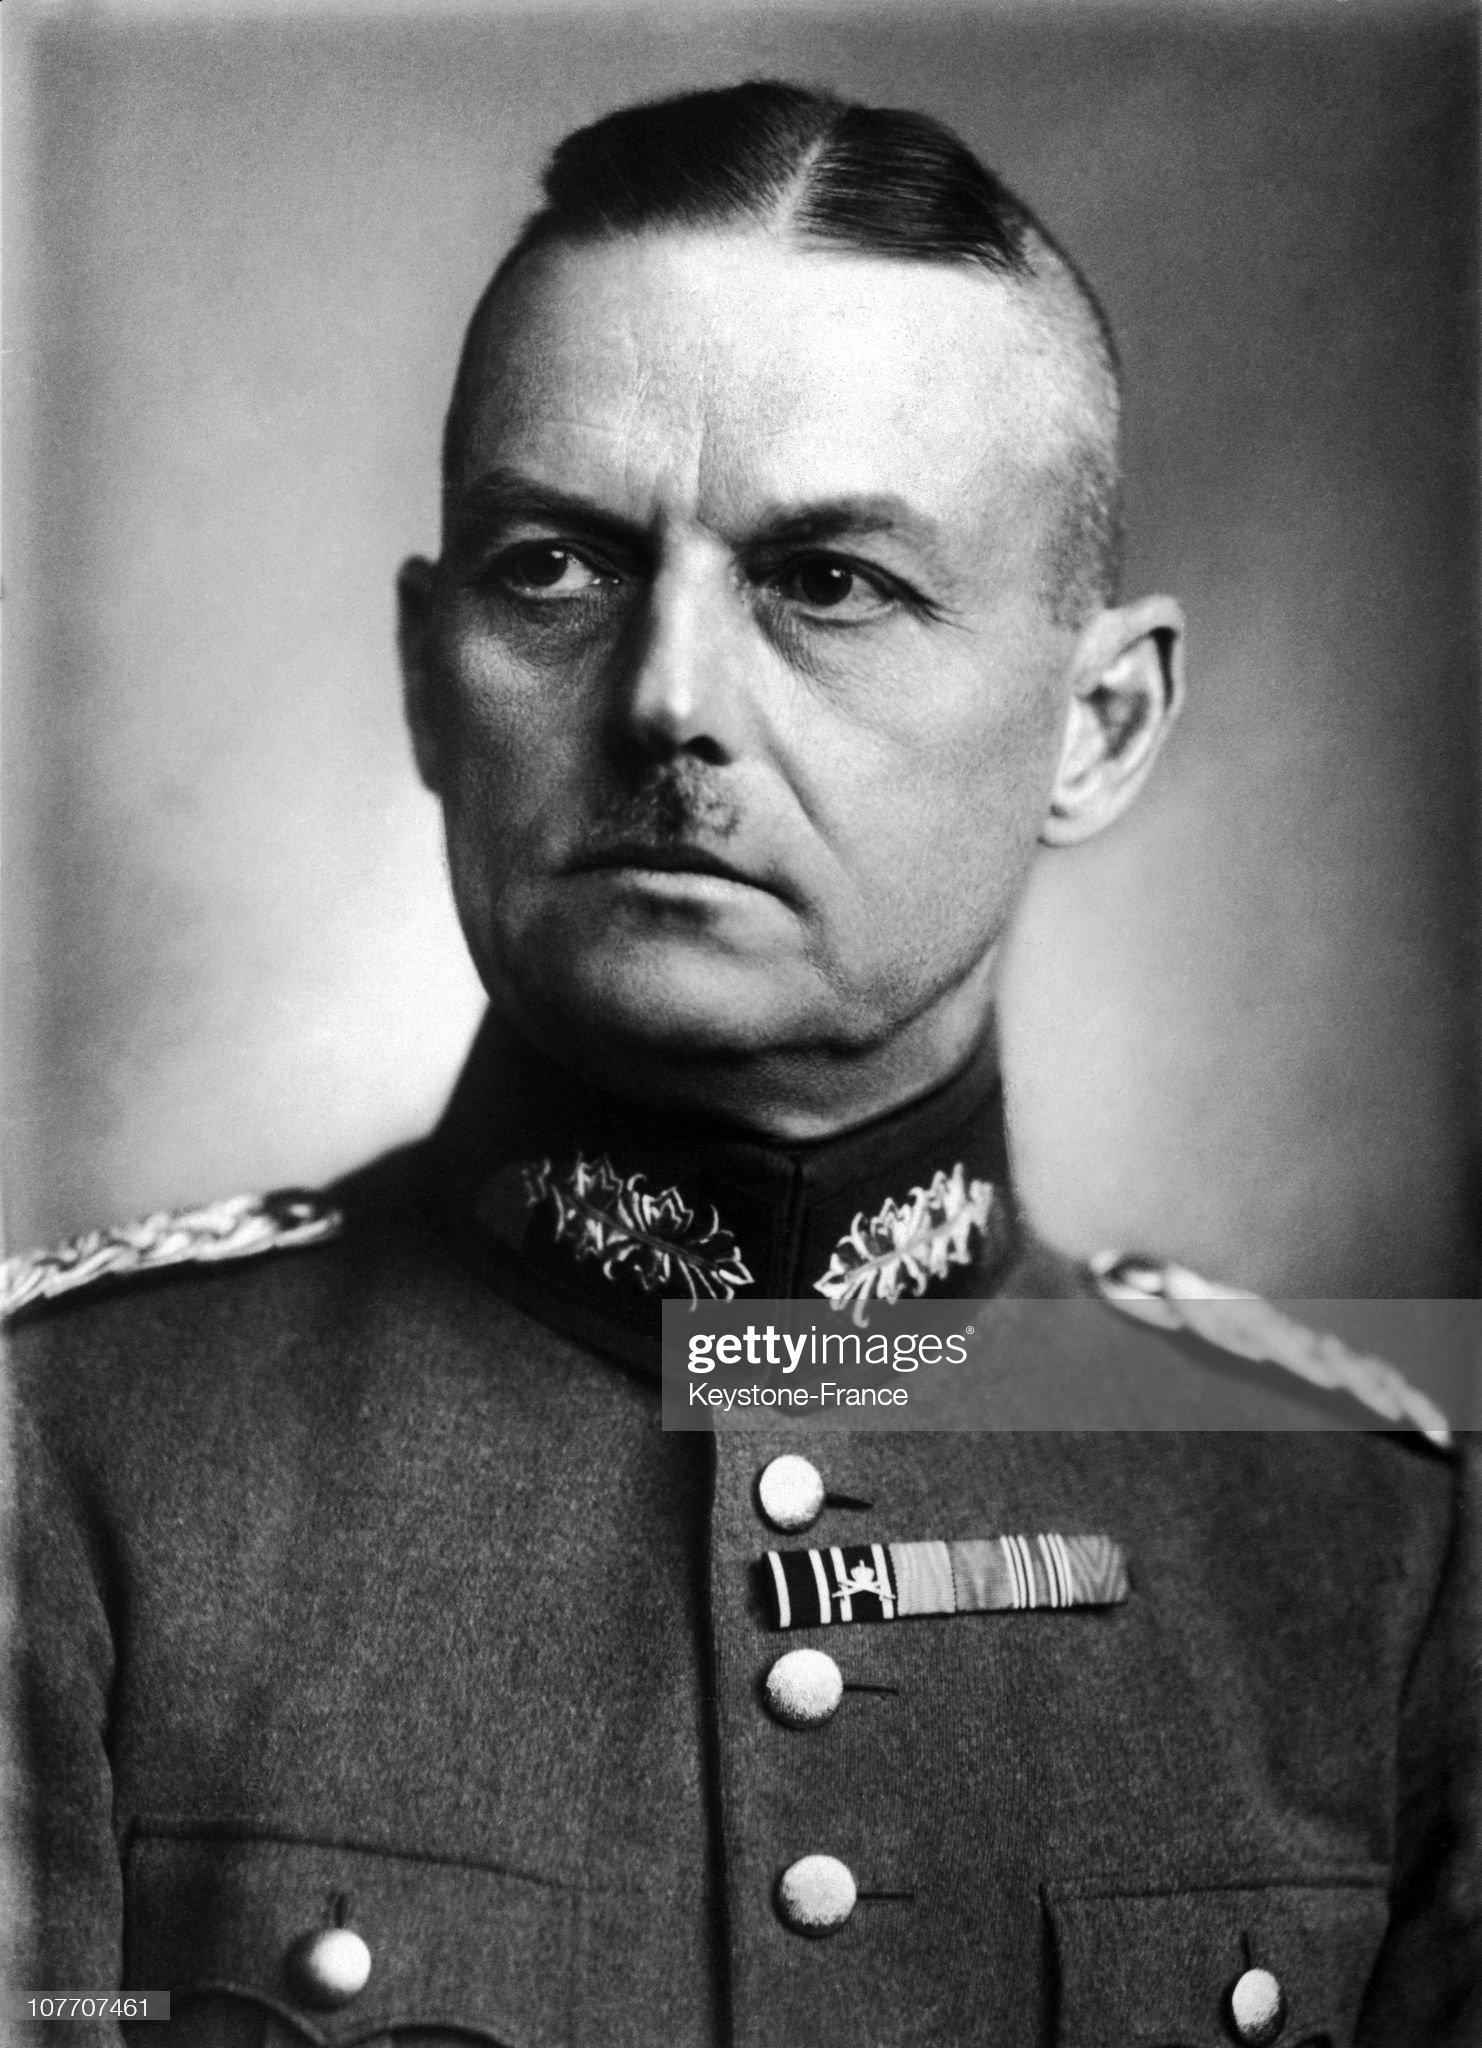 Gerd Von Rundstedt 1931 : Nachrichtenfoto